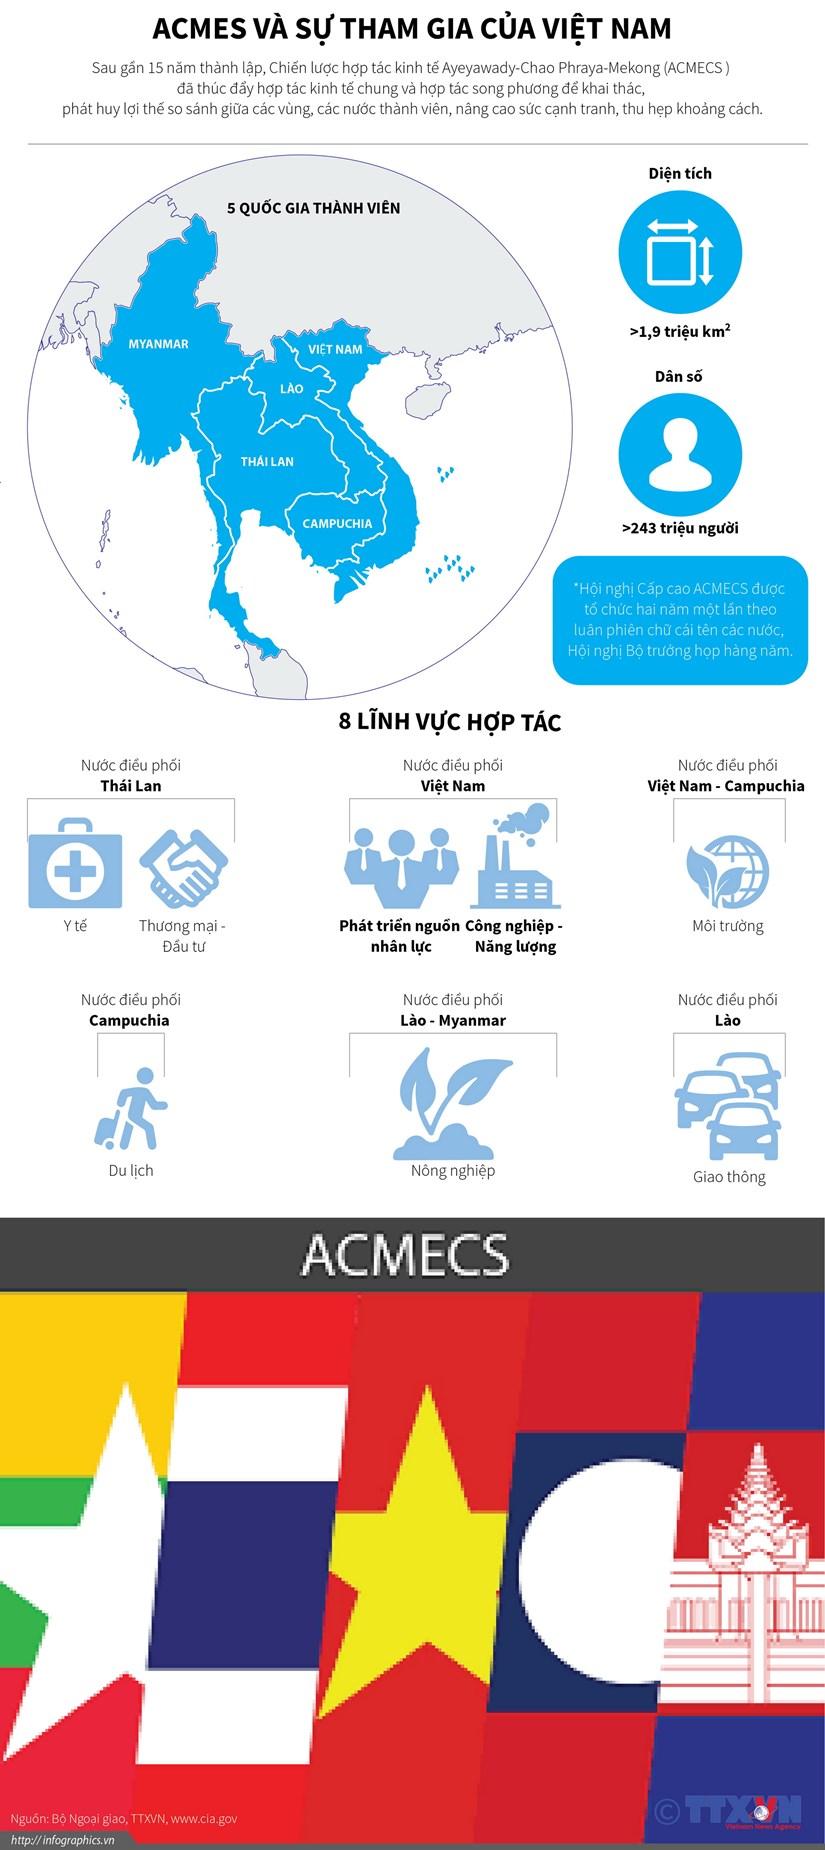 [Infographics] Tim hieu ve chien luoc hop tac kinh te ACMECS hinh anh 1